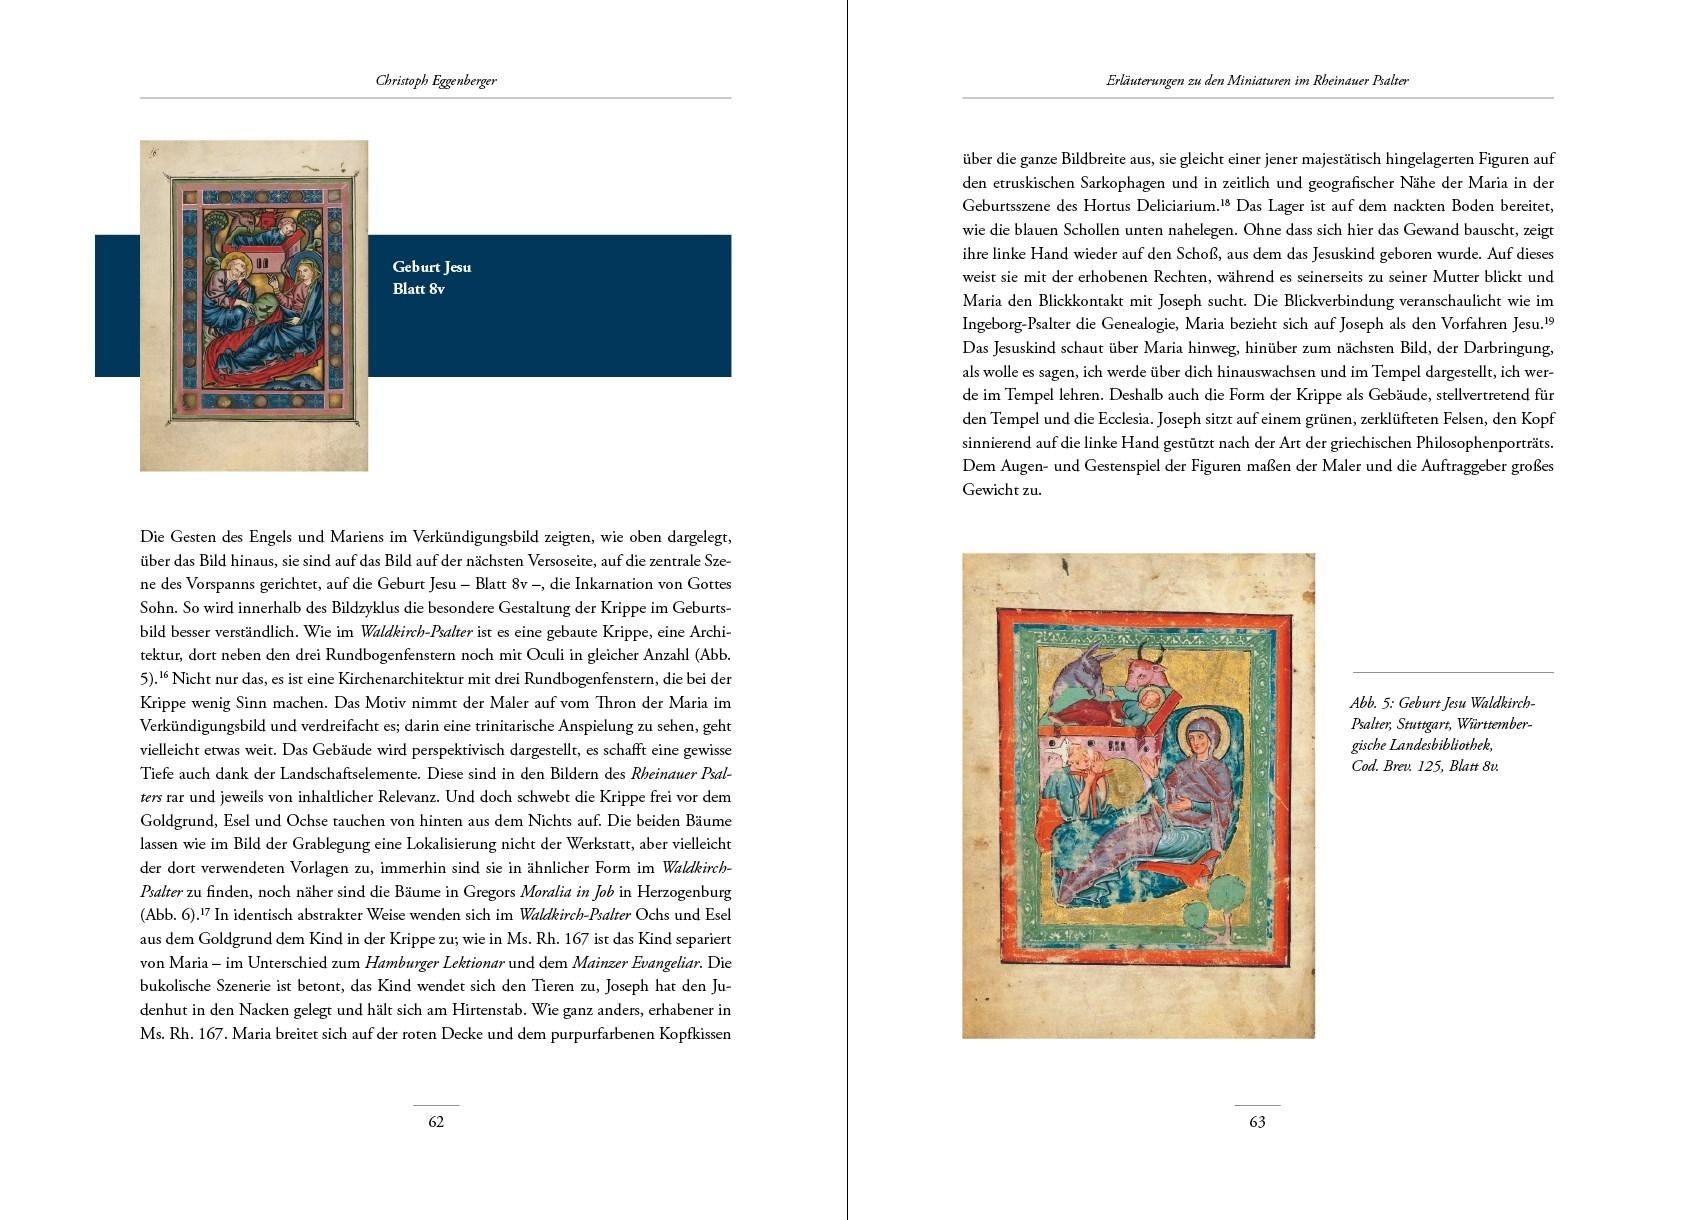 Rheinauer Psalter, Kunstbuch-Edition, p. 62-63